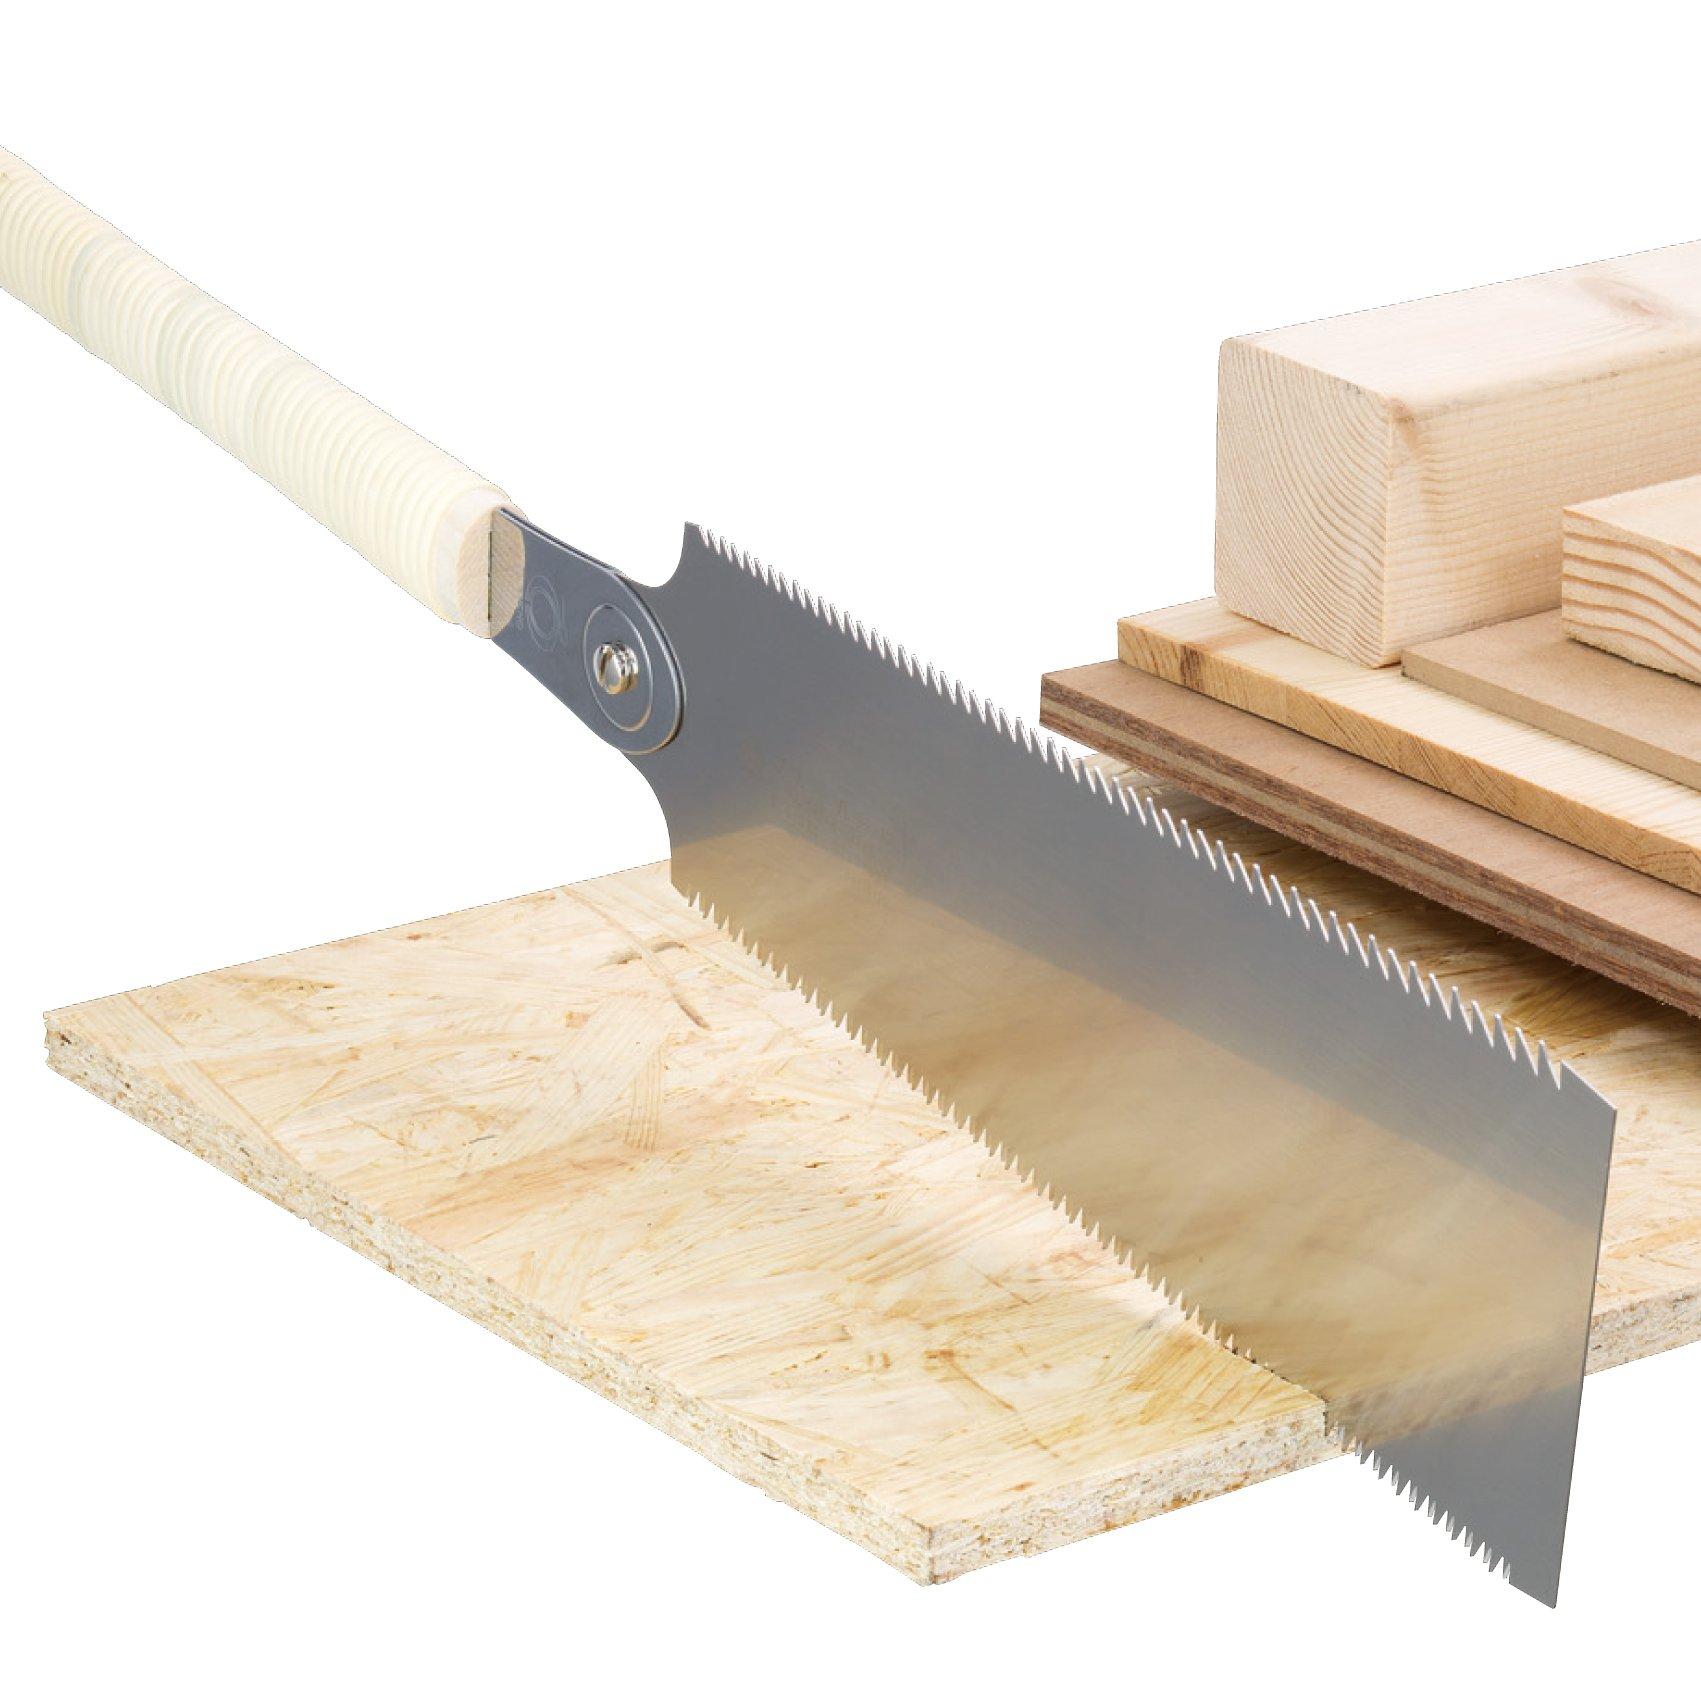 Gyokucho Noko Giri 270mm Double Edge (Ryoba) Razor Saw from Japan Woodworker by Gyokucho (Image #5)